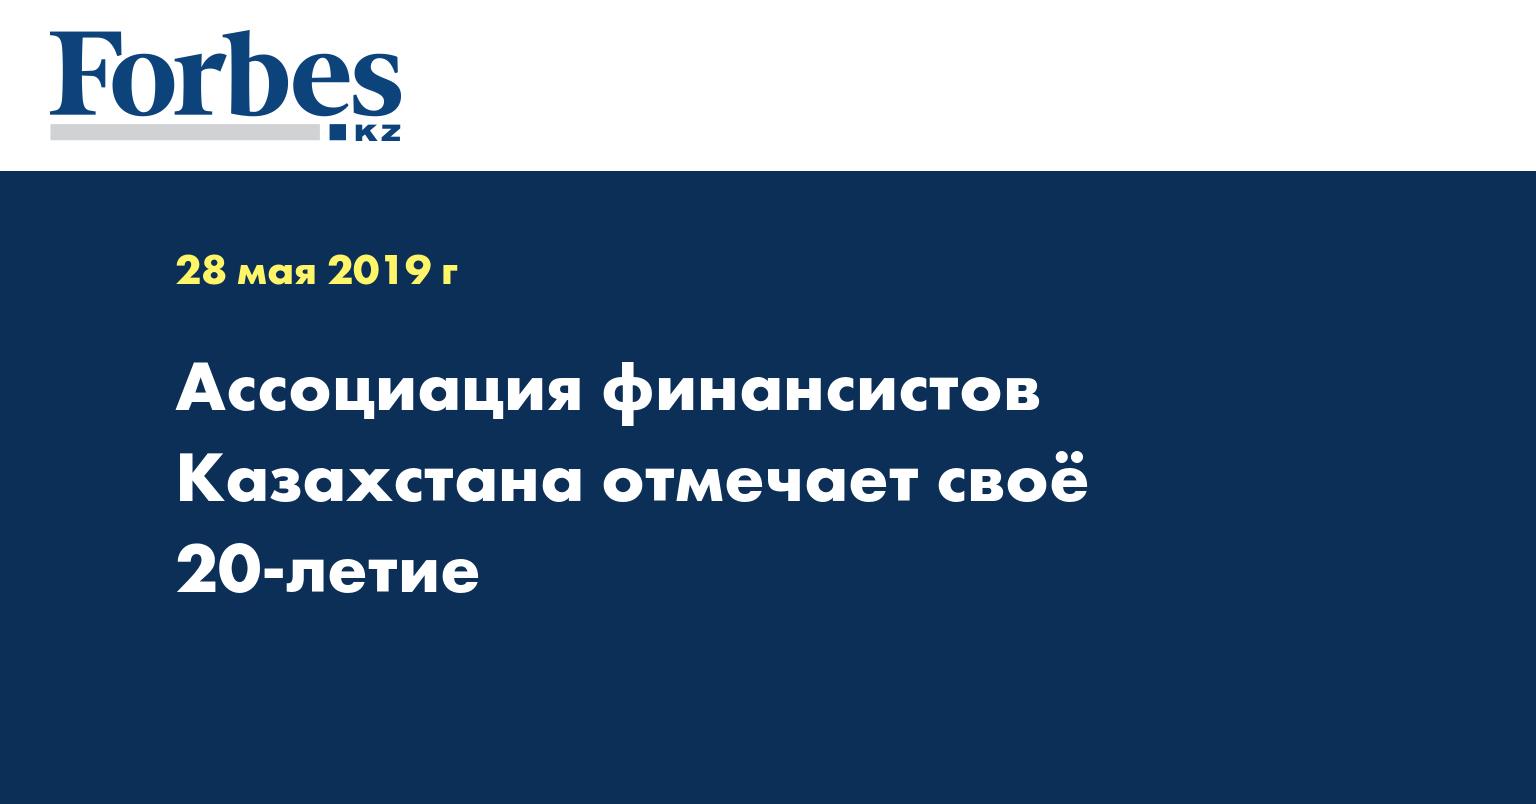 Ассоциация финансистов Казахстана отмечает своё 20-летие